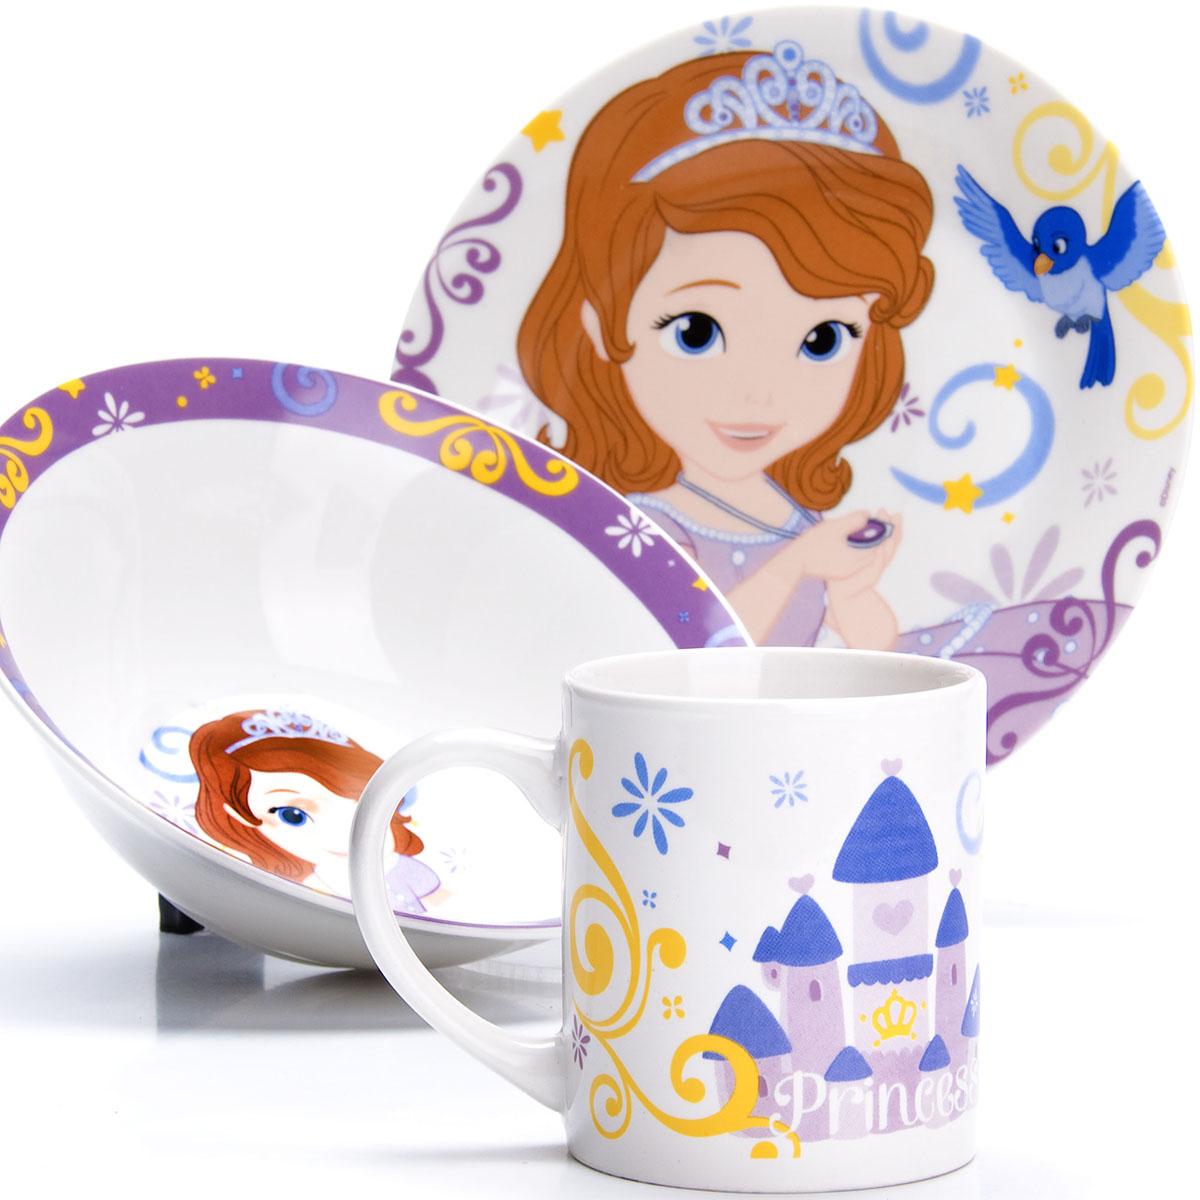 Набор для завтрака Disney София, 3 предмета. 27002 набор посуды принцесса софия bildo